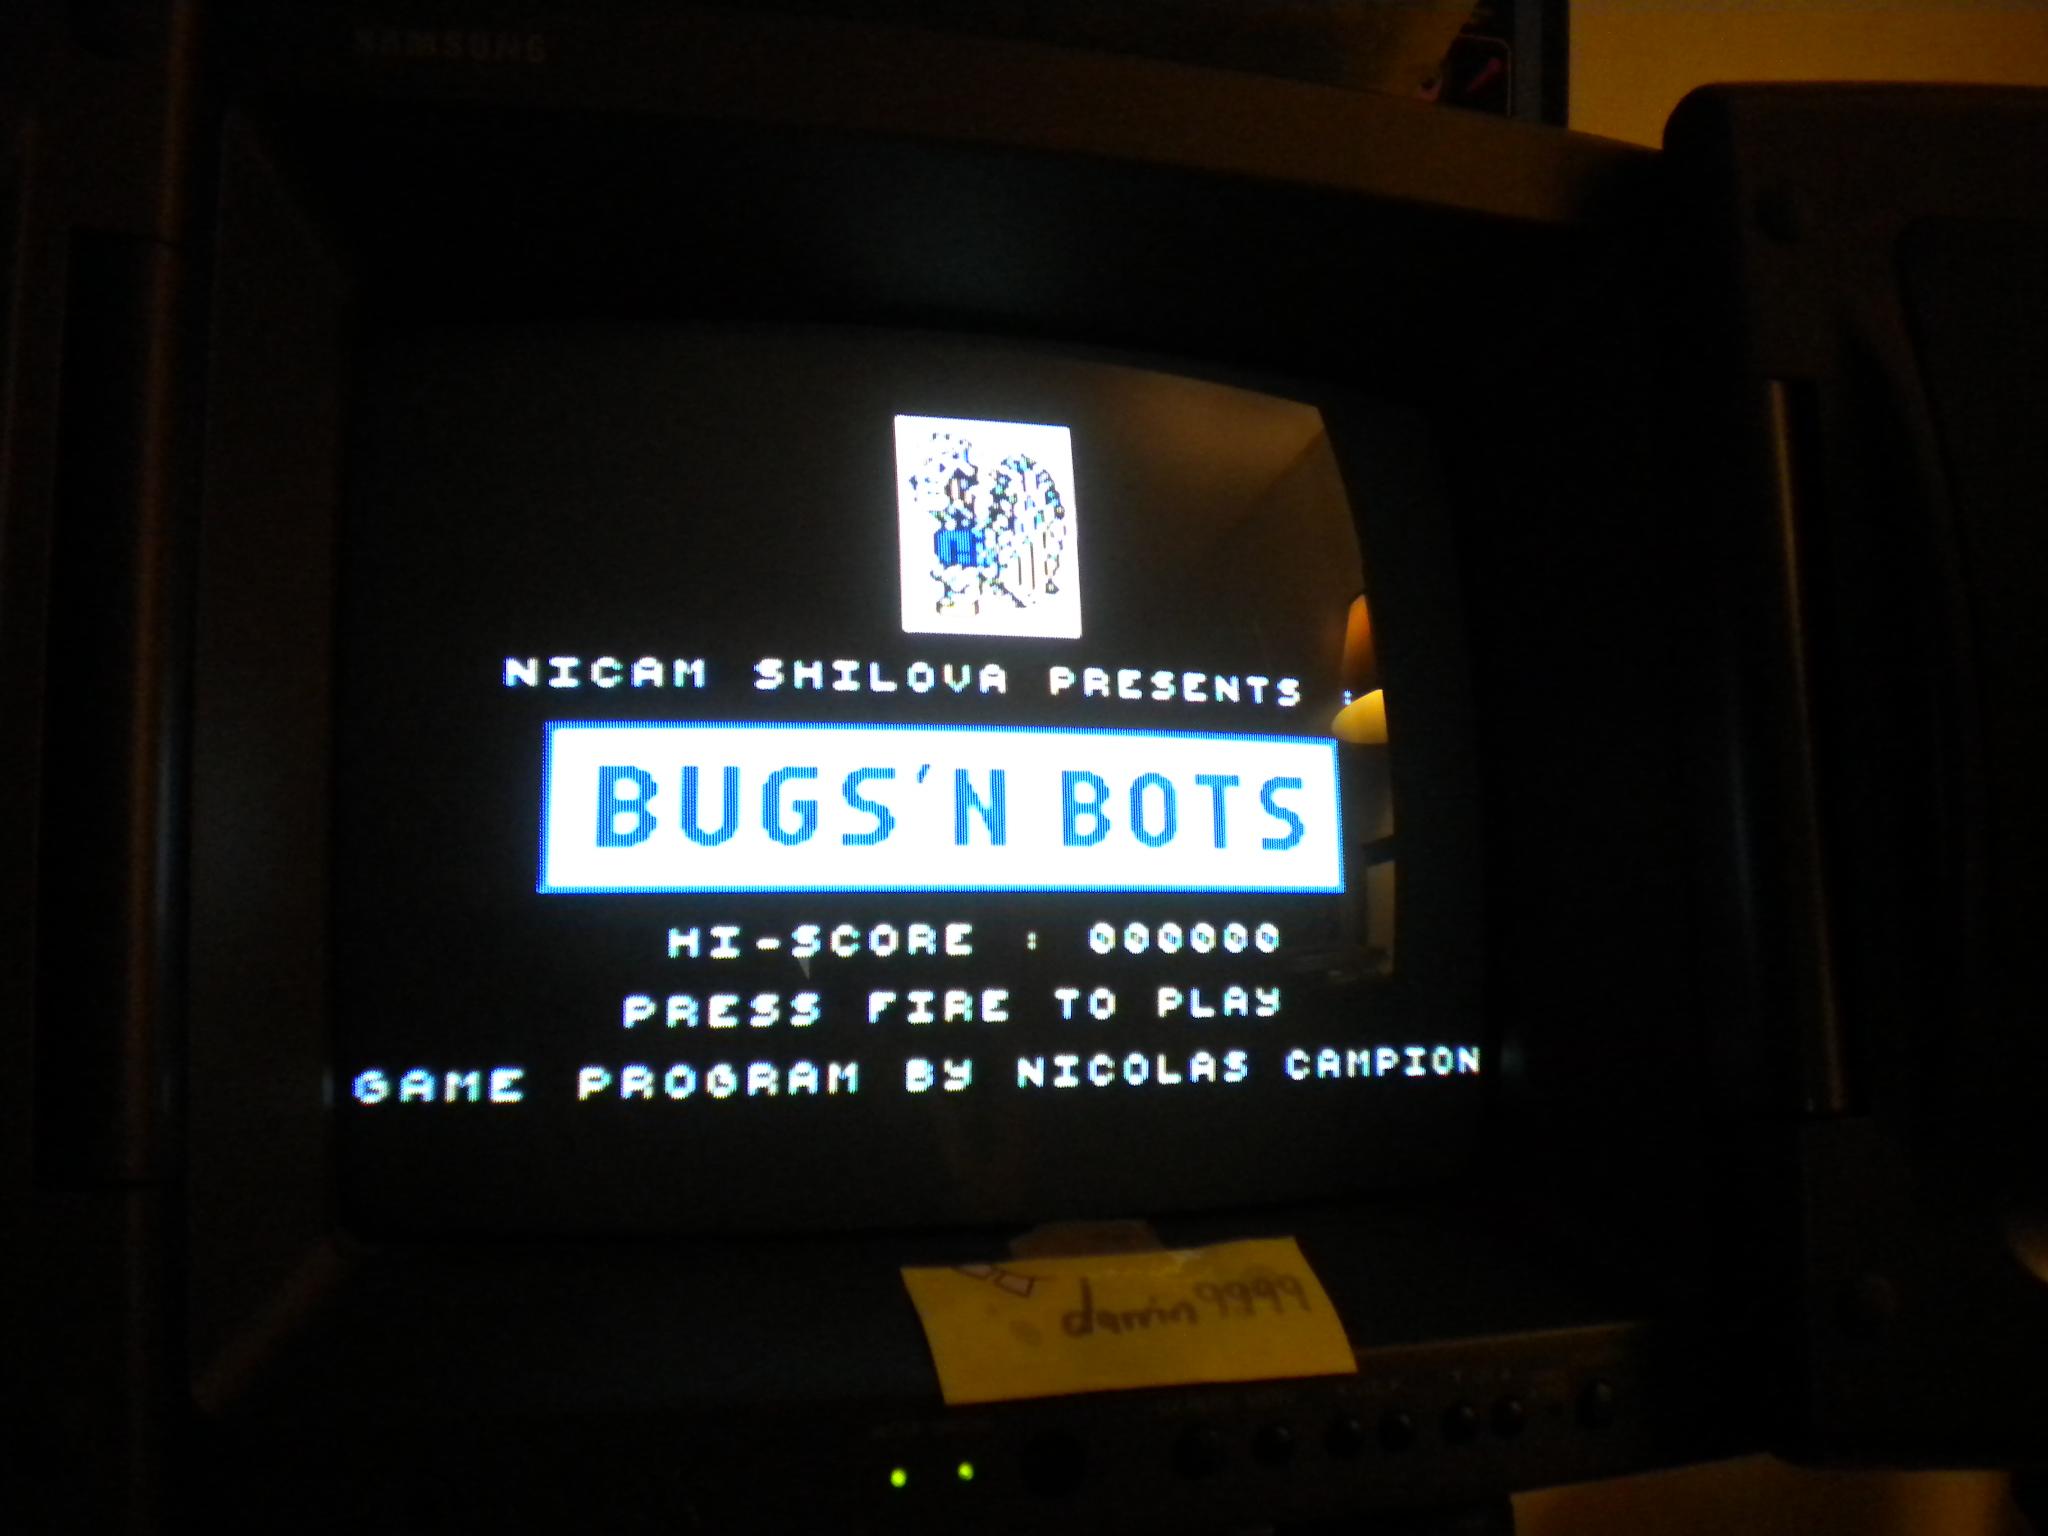 darrin9999: Bugs